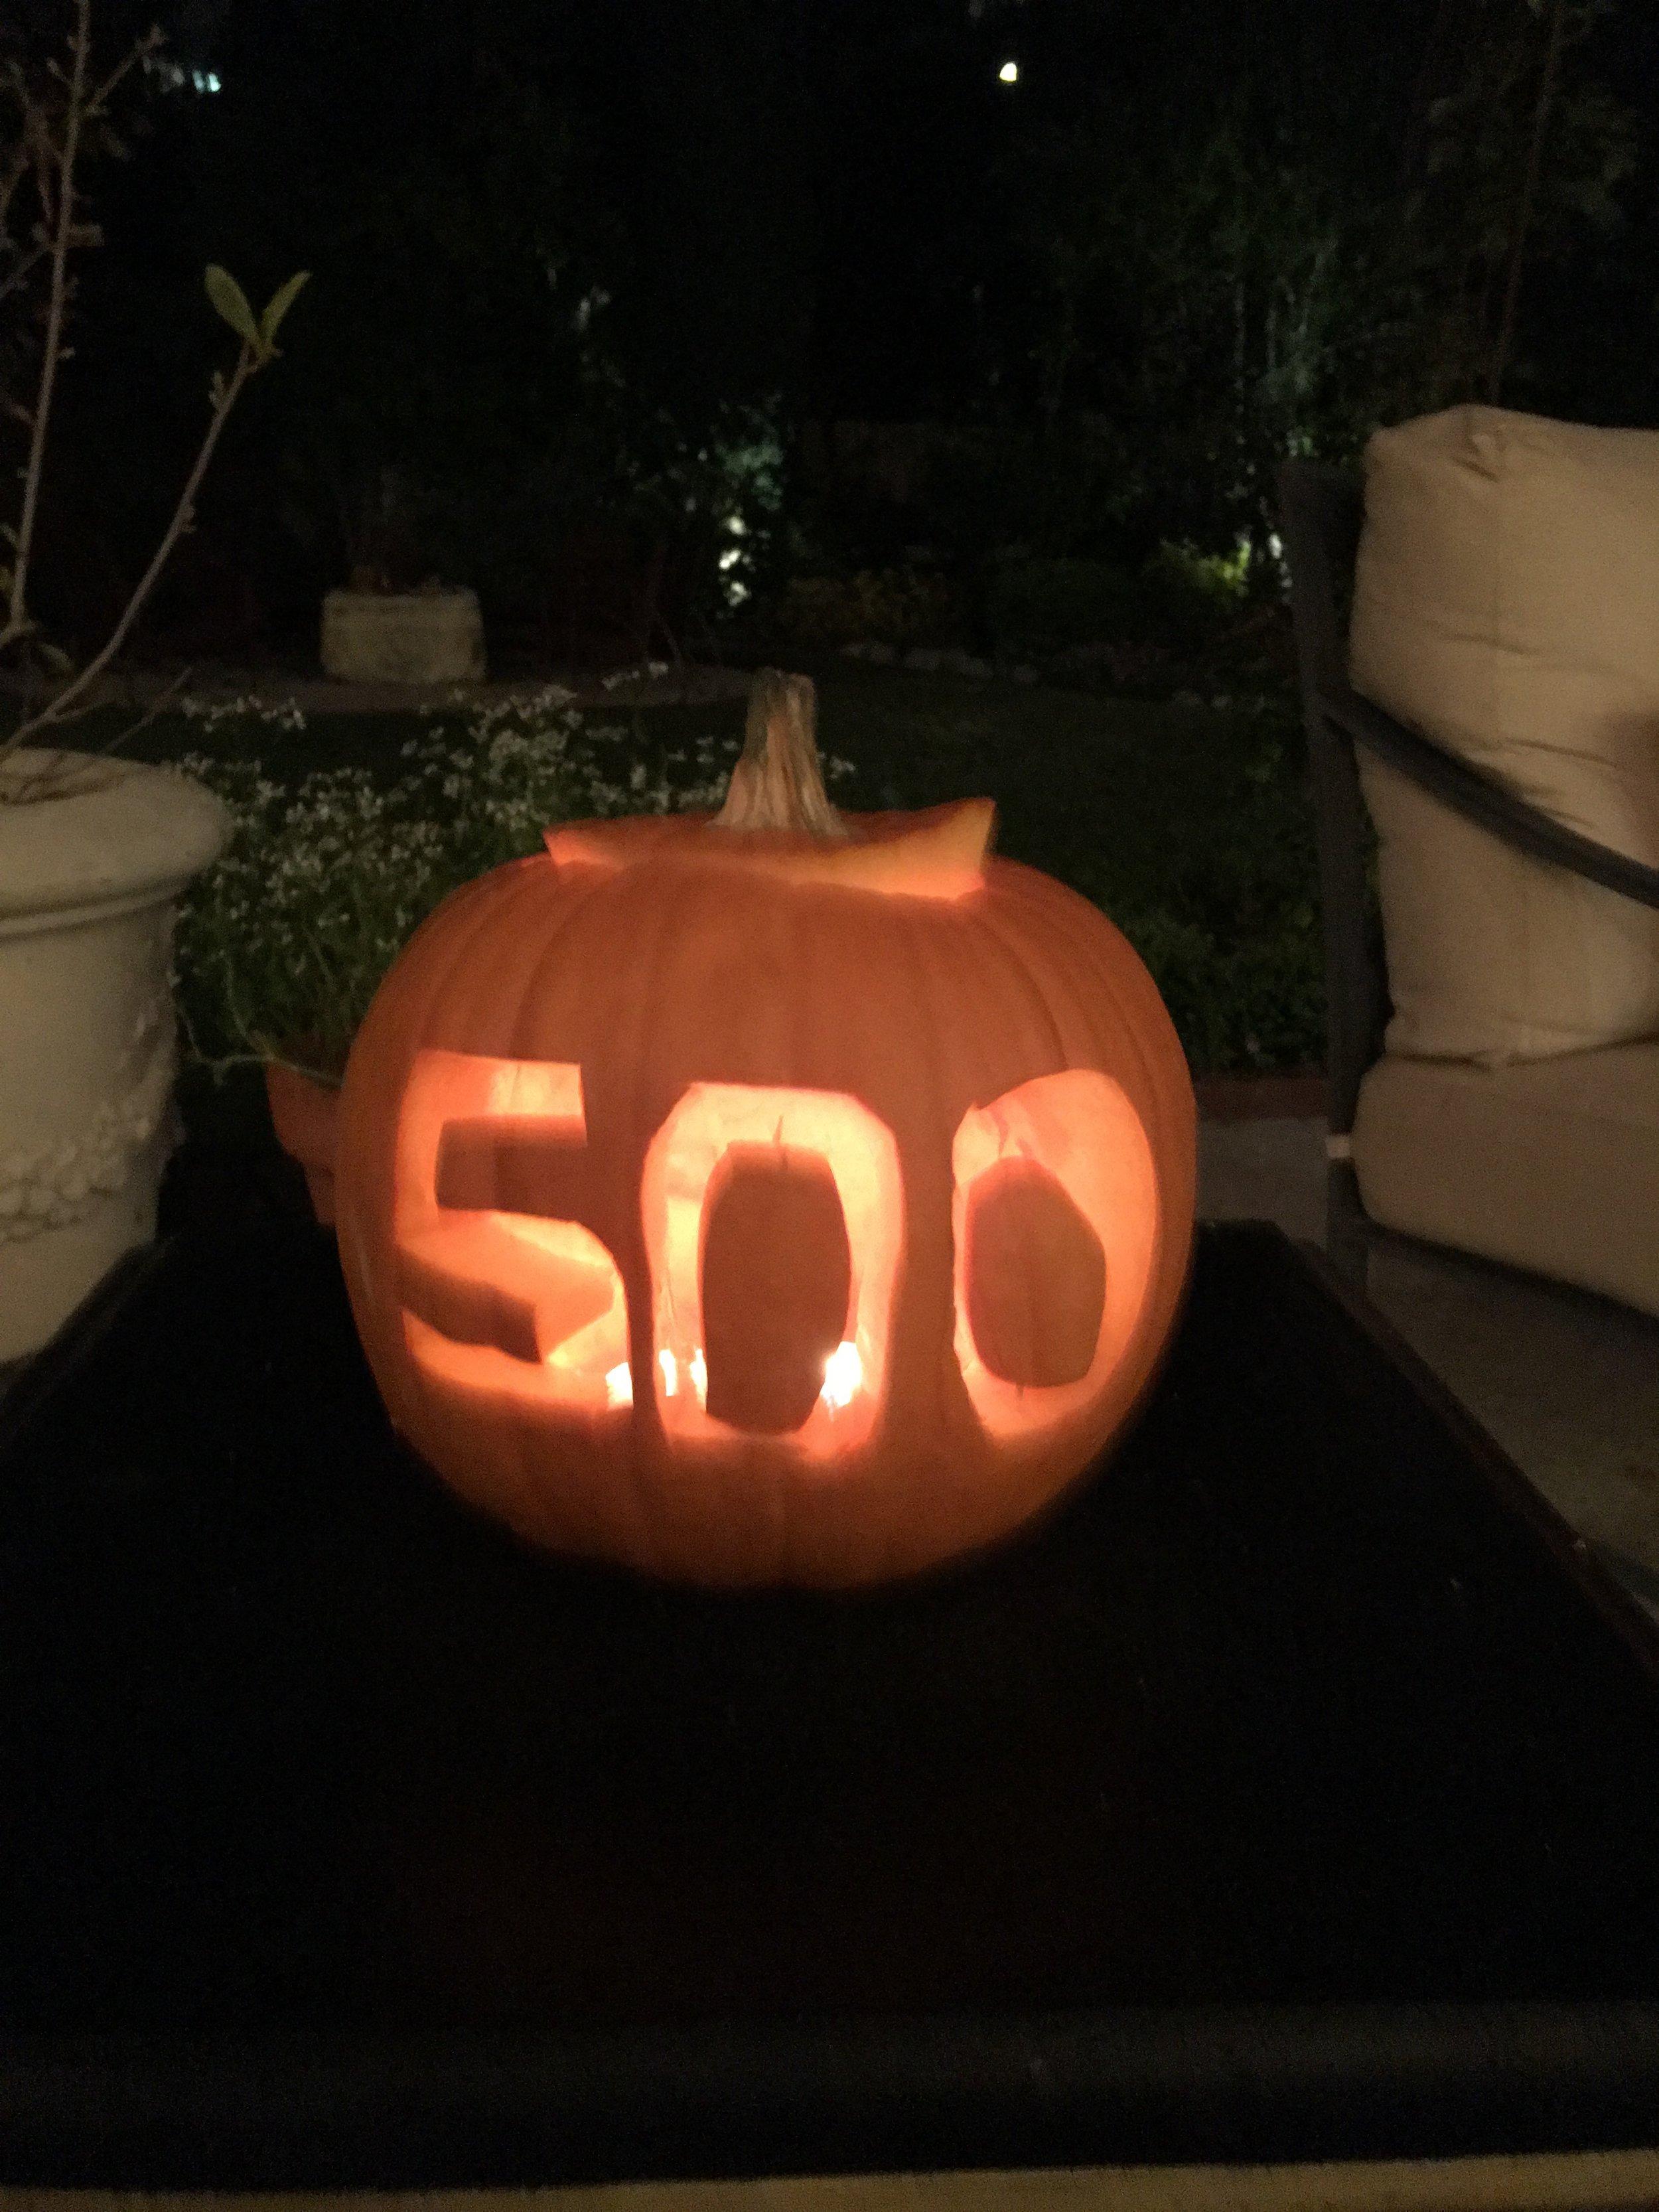 500, 1.jpg